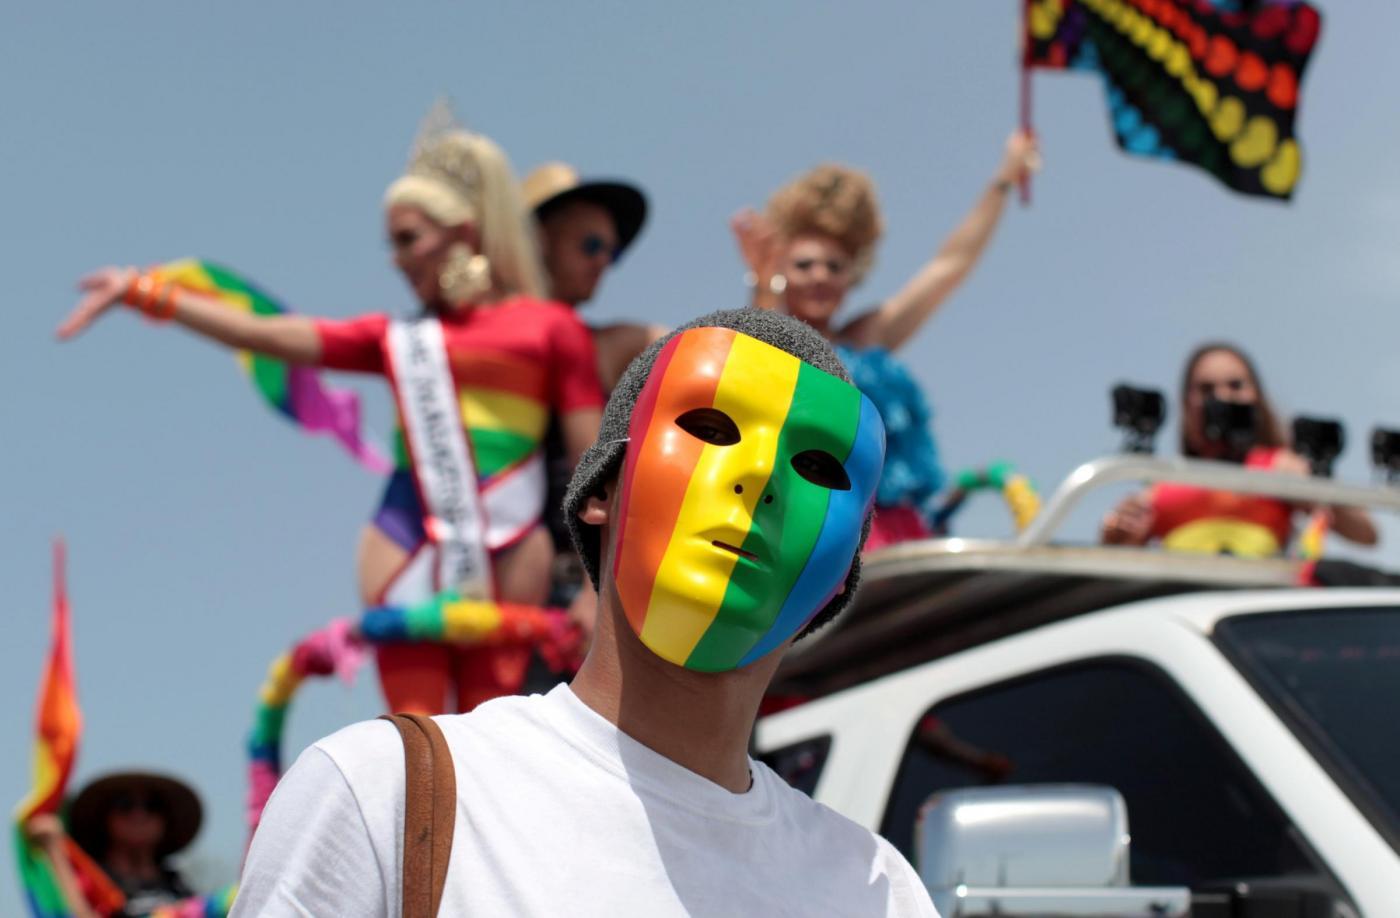 New York la Pride Parade 2016